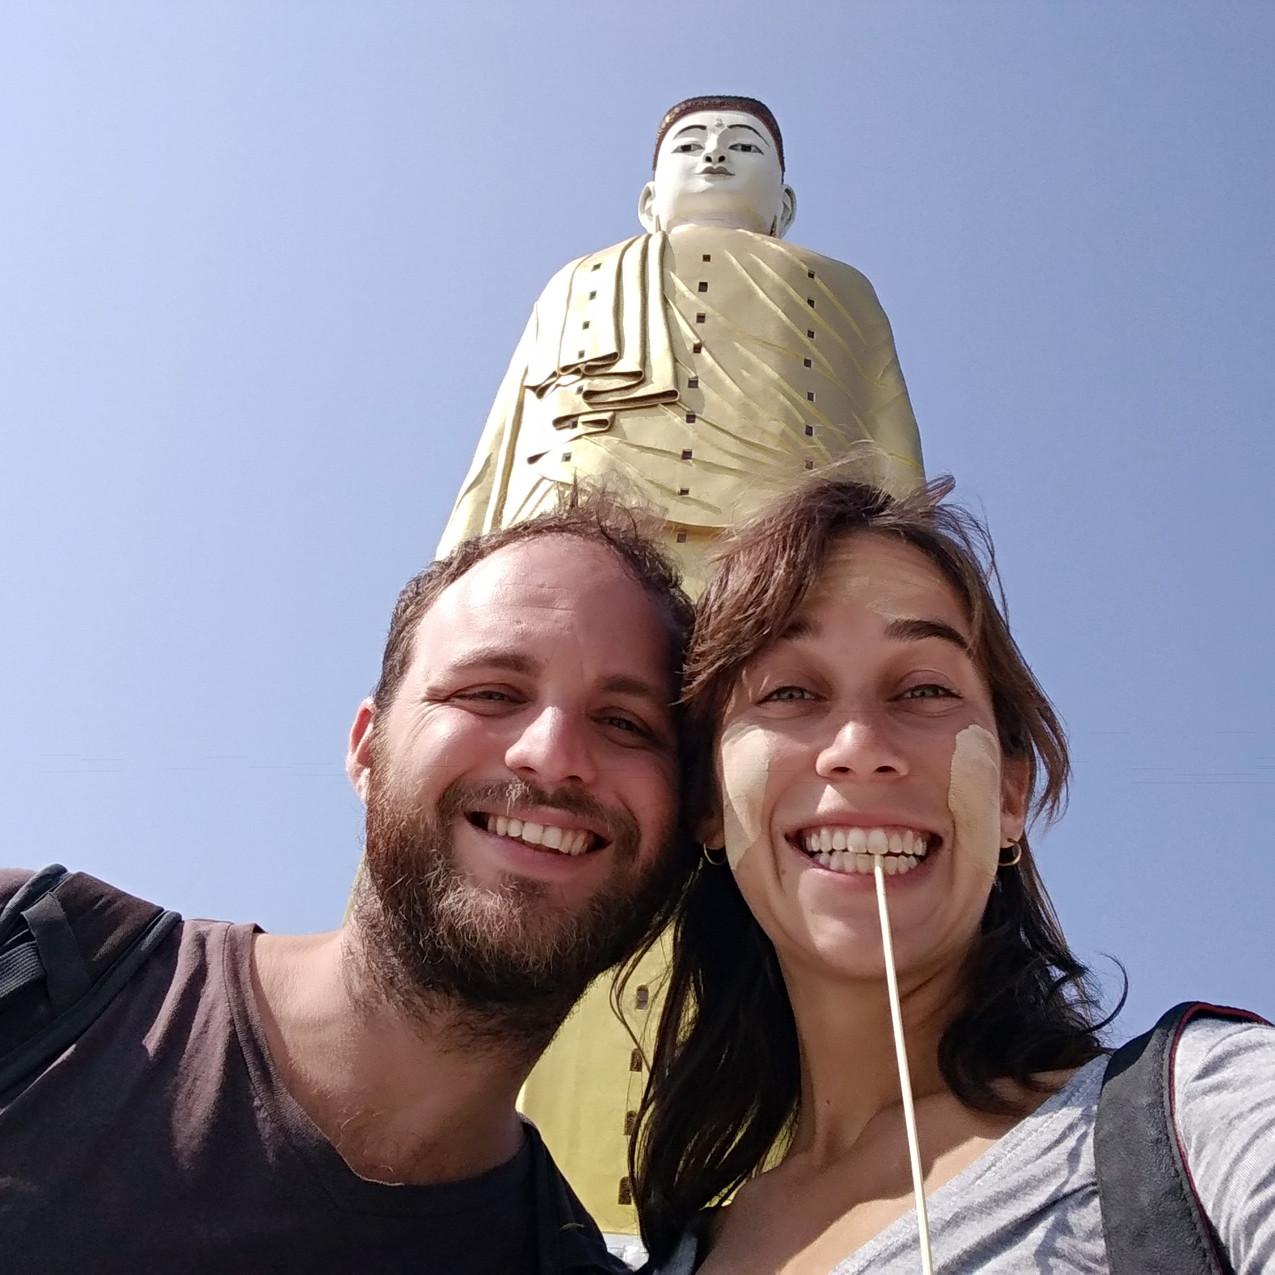 סלפי עם טנקה על הפנים ופסל בודהה ברקע